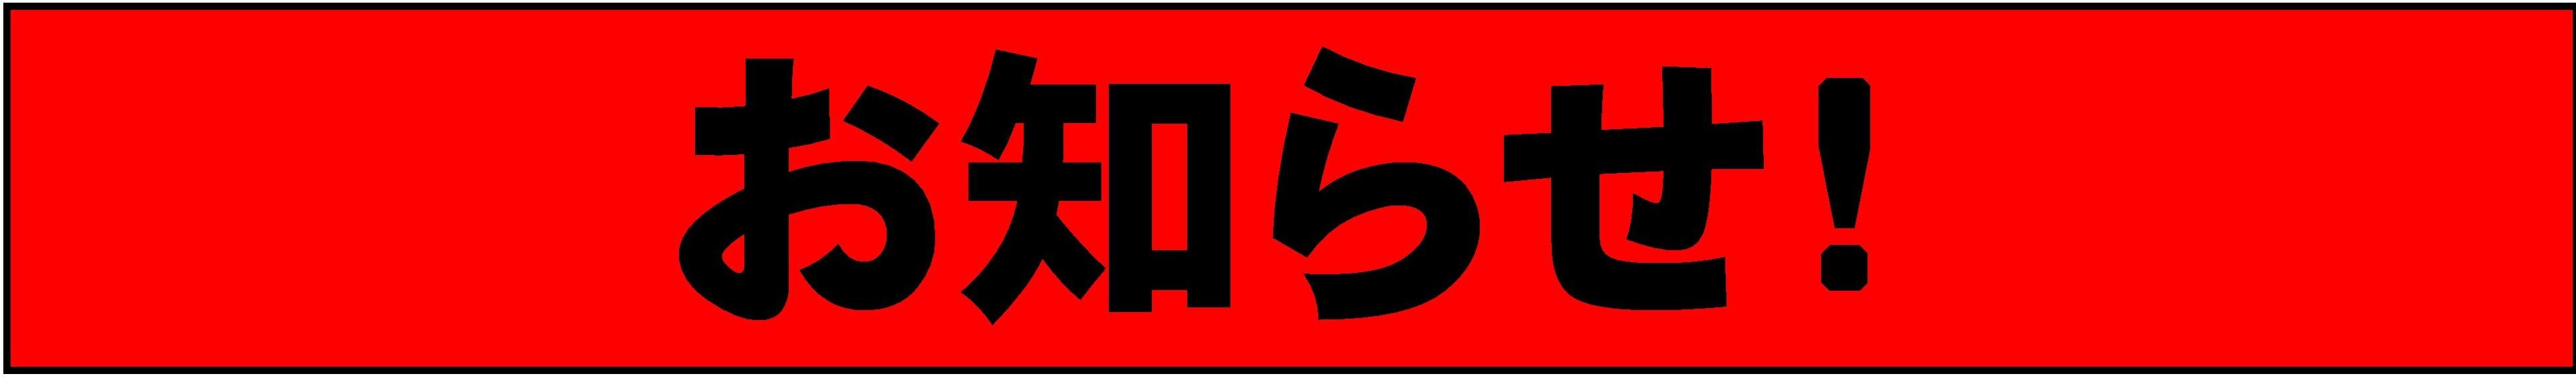 素材-126